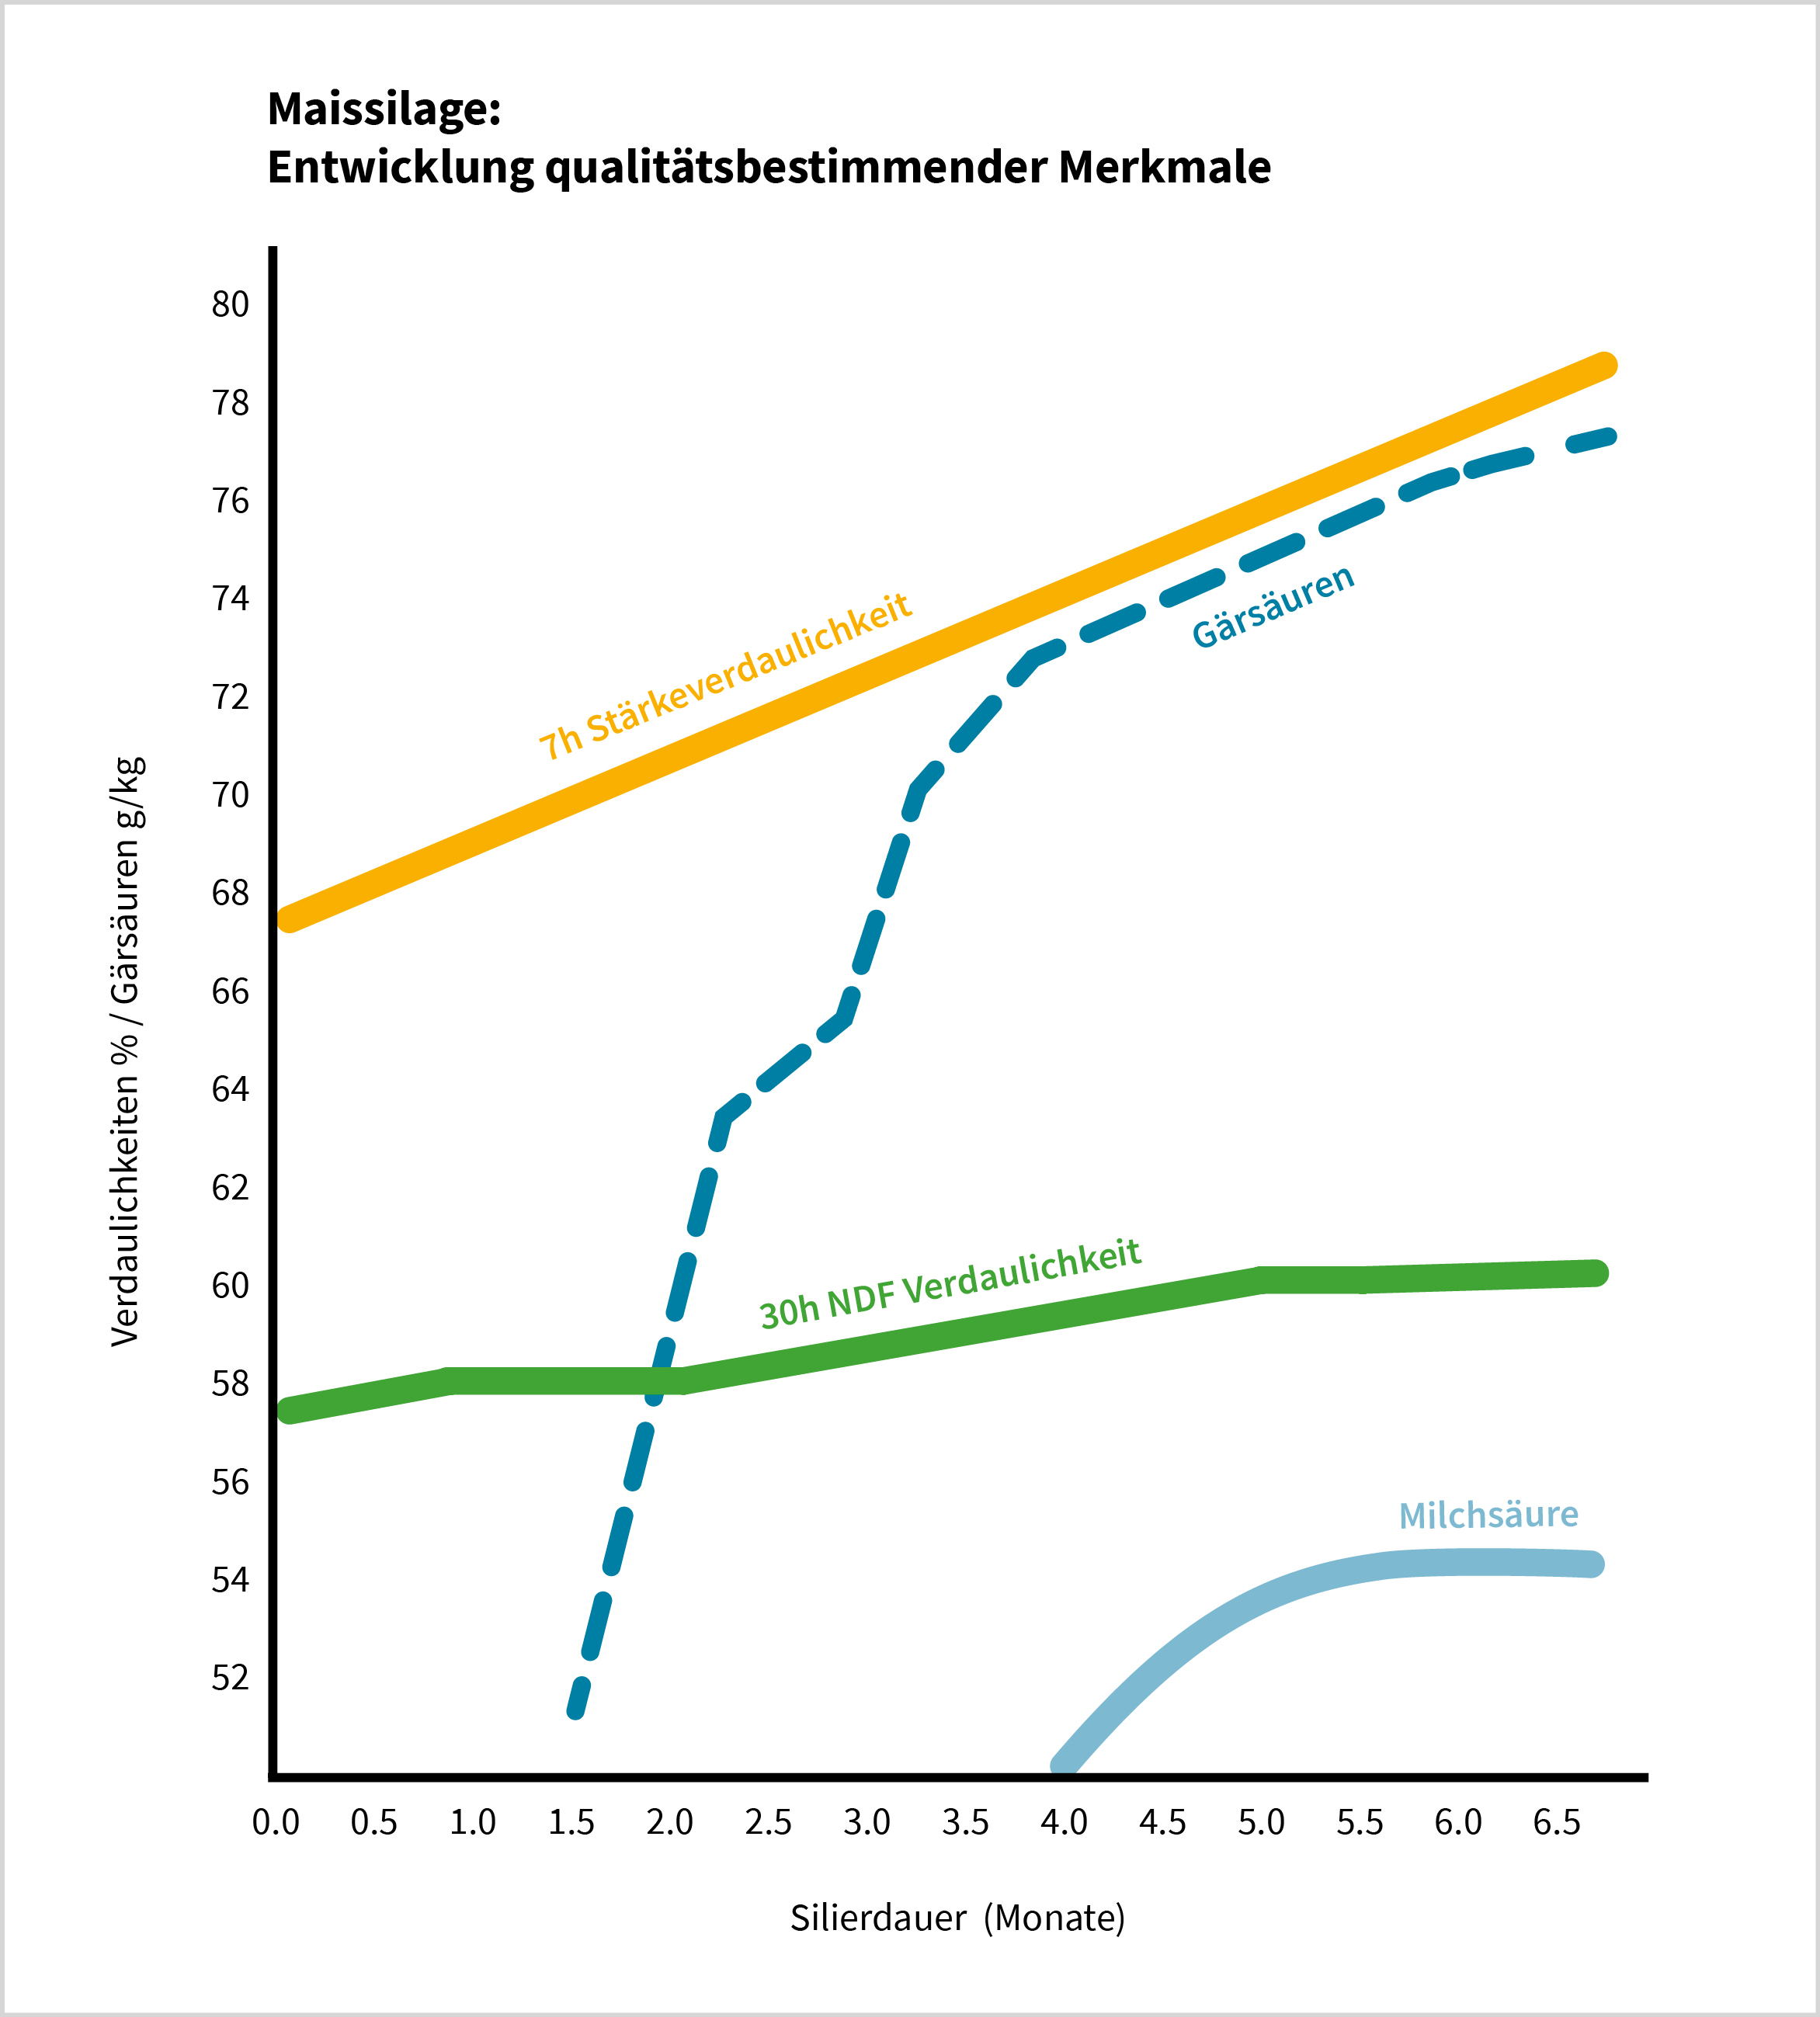 Grafik Maissilage: Entwicklung qualitätsbestimmender Merkmale - CNCPS Sano Labor